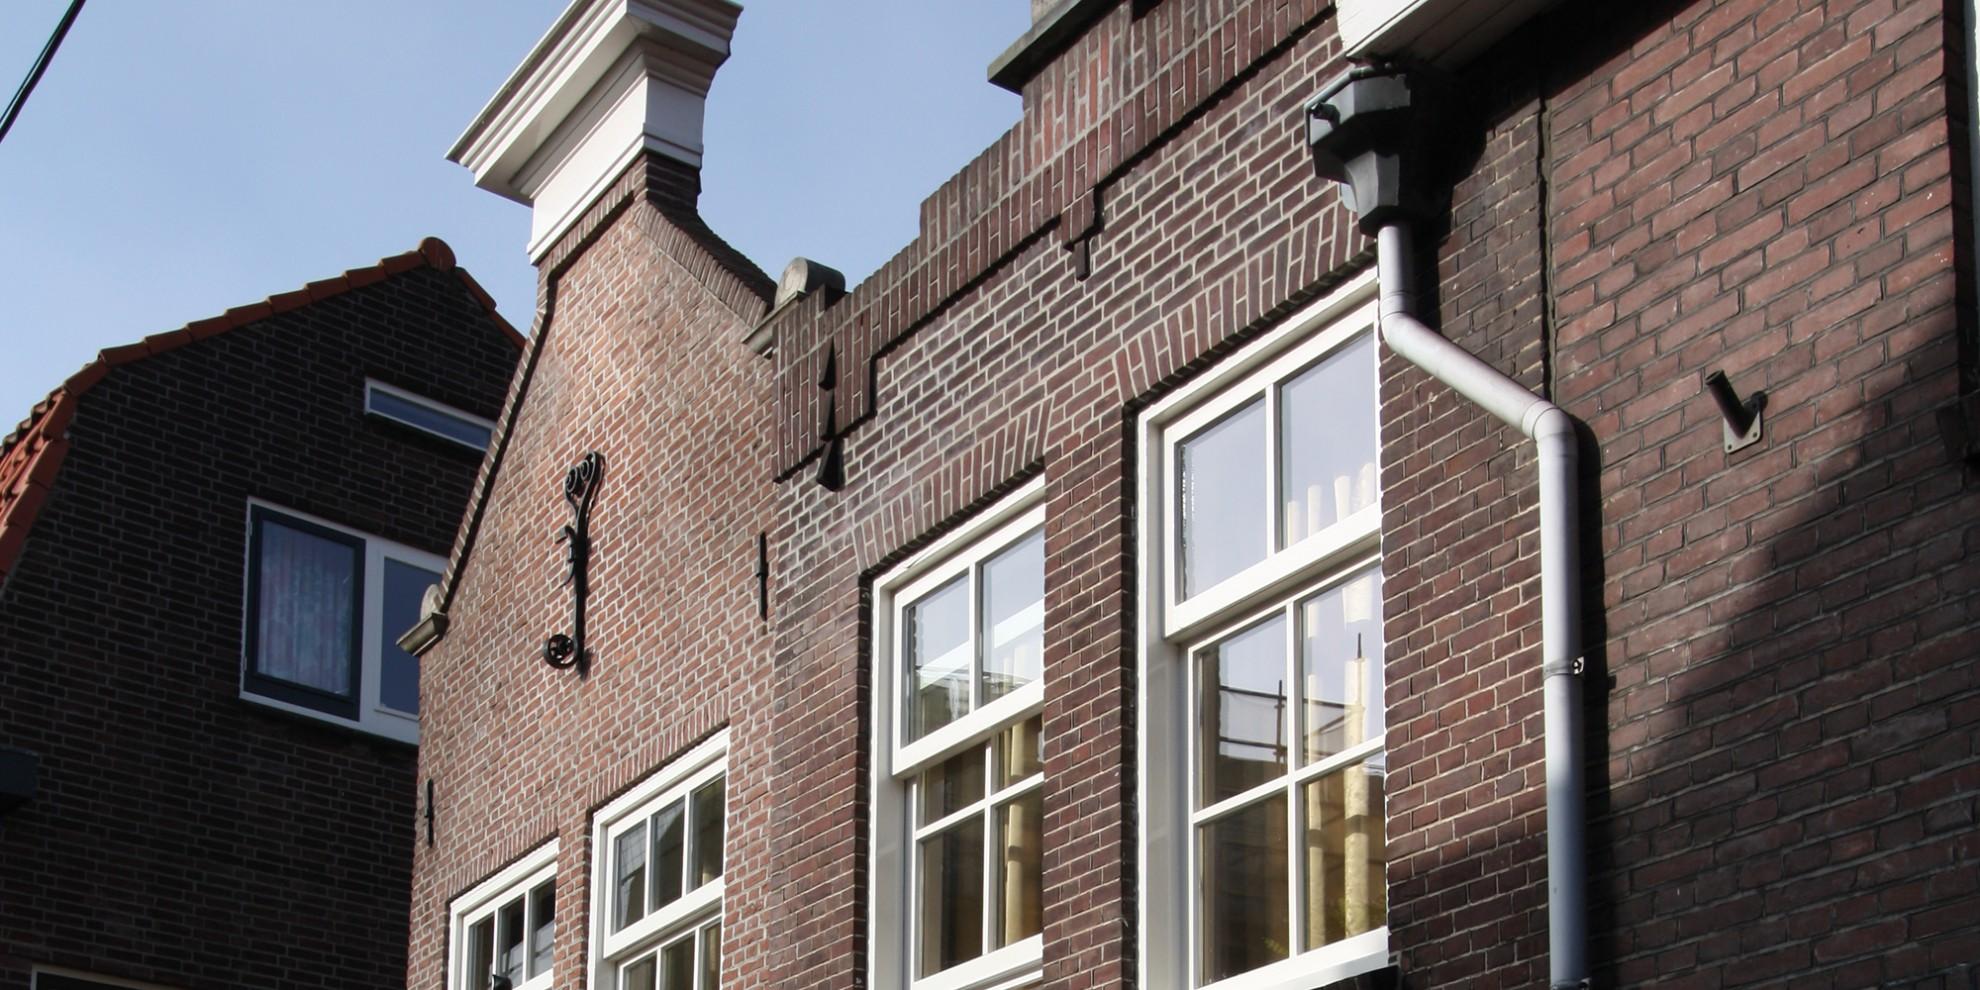 Cappenersteeg | Rozendaal | Wilhelminastraat